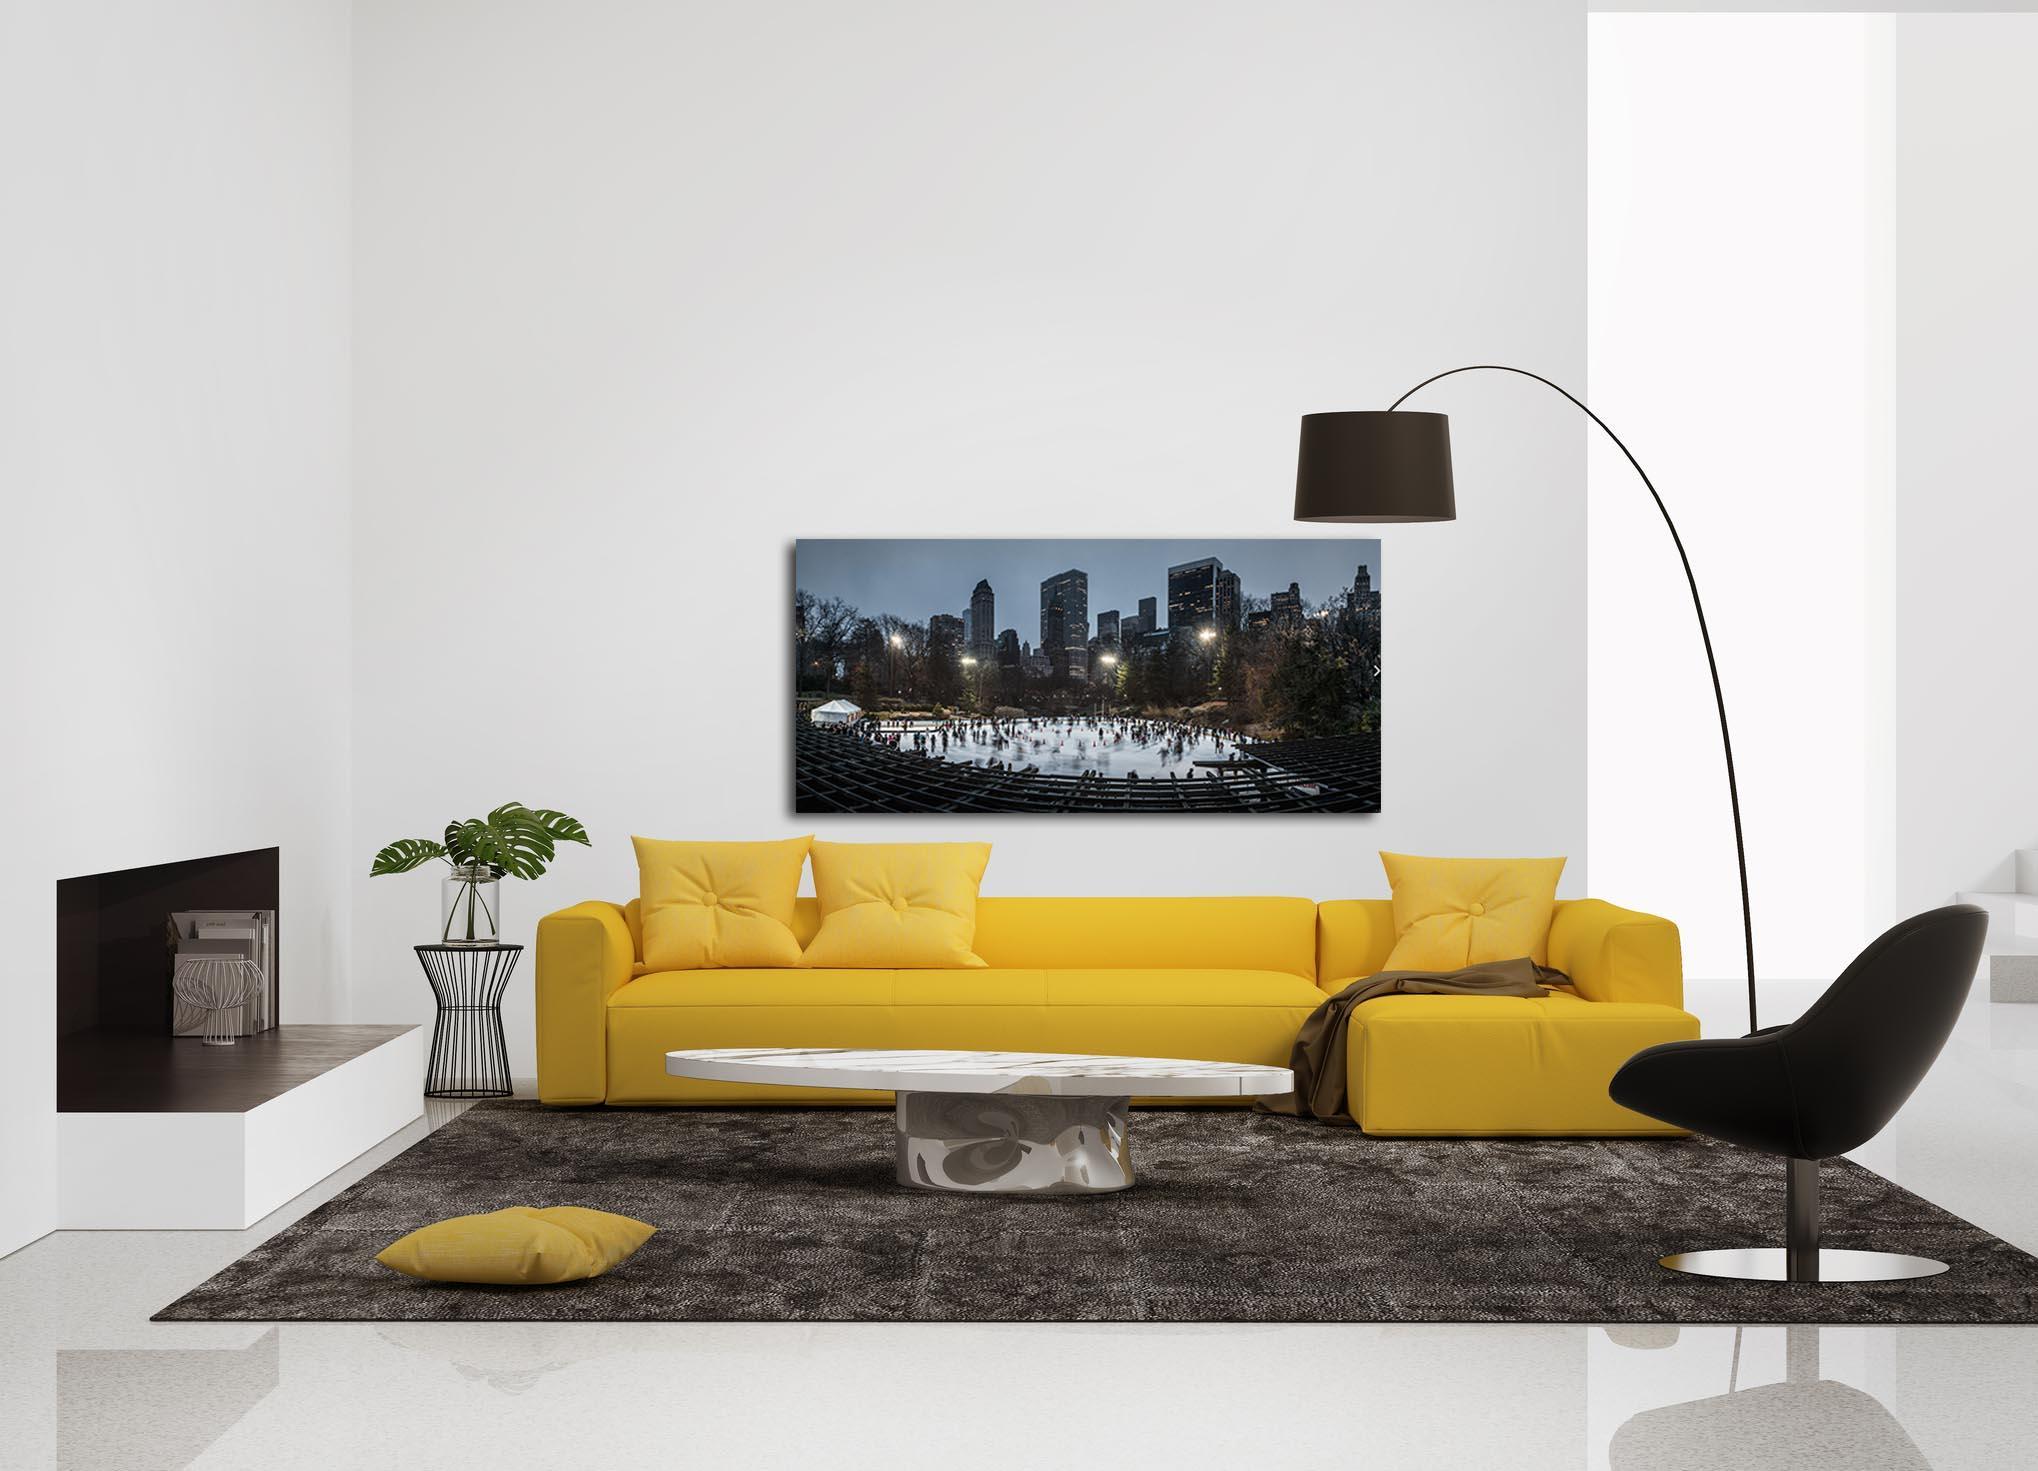 New York style • Bilder & Ideen • COUCH